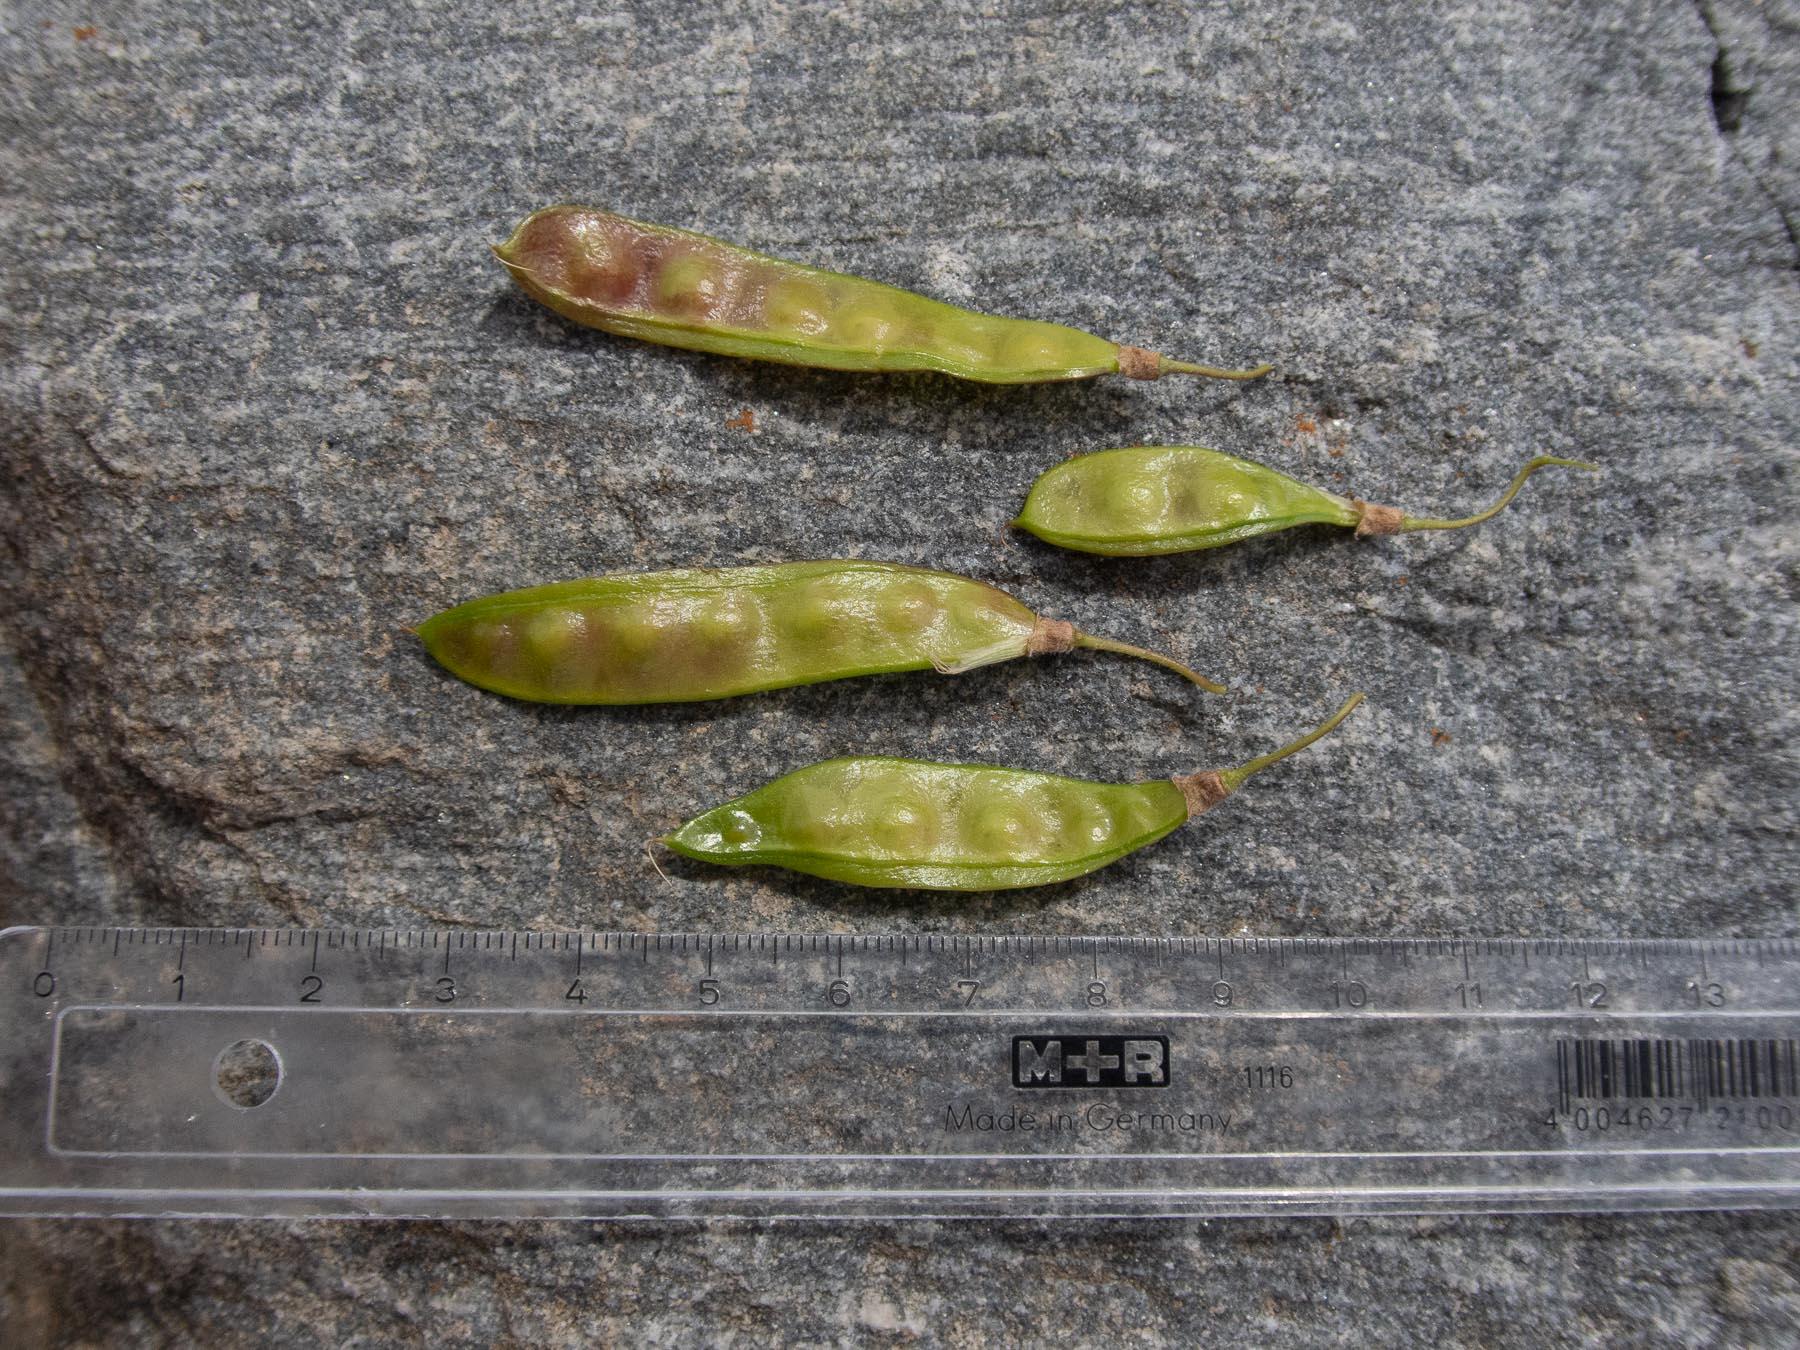 Бобовник альпийский (Laburnum alpinum) Бобовник альпийский (Laburnum alpinum) в окрестностях озера Mälaren, Стокгольм. Июль 2020 года. Автор фото: Сутормина Марина